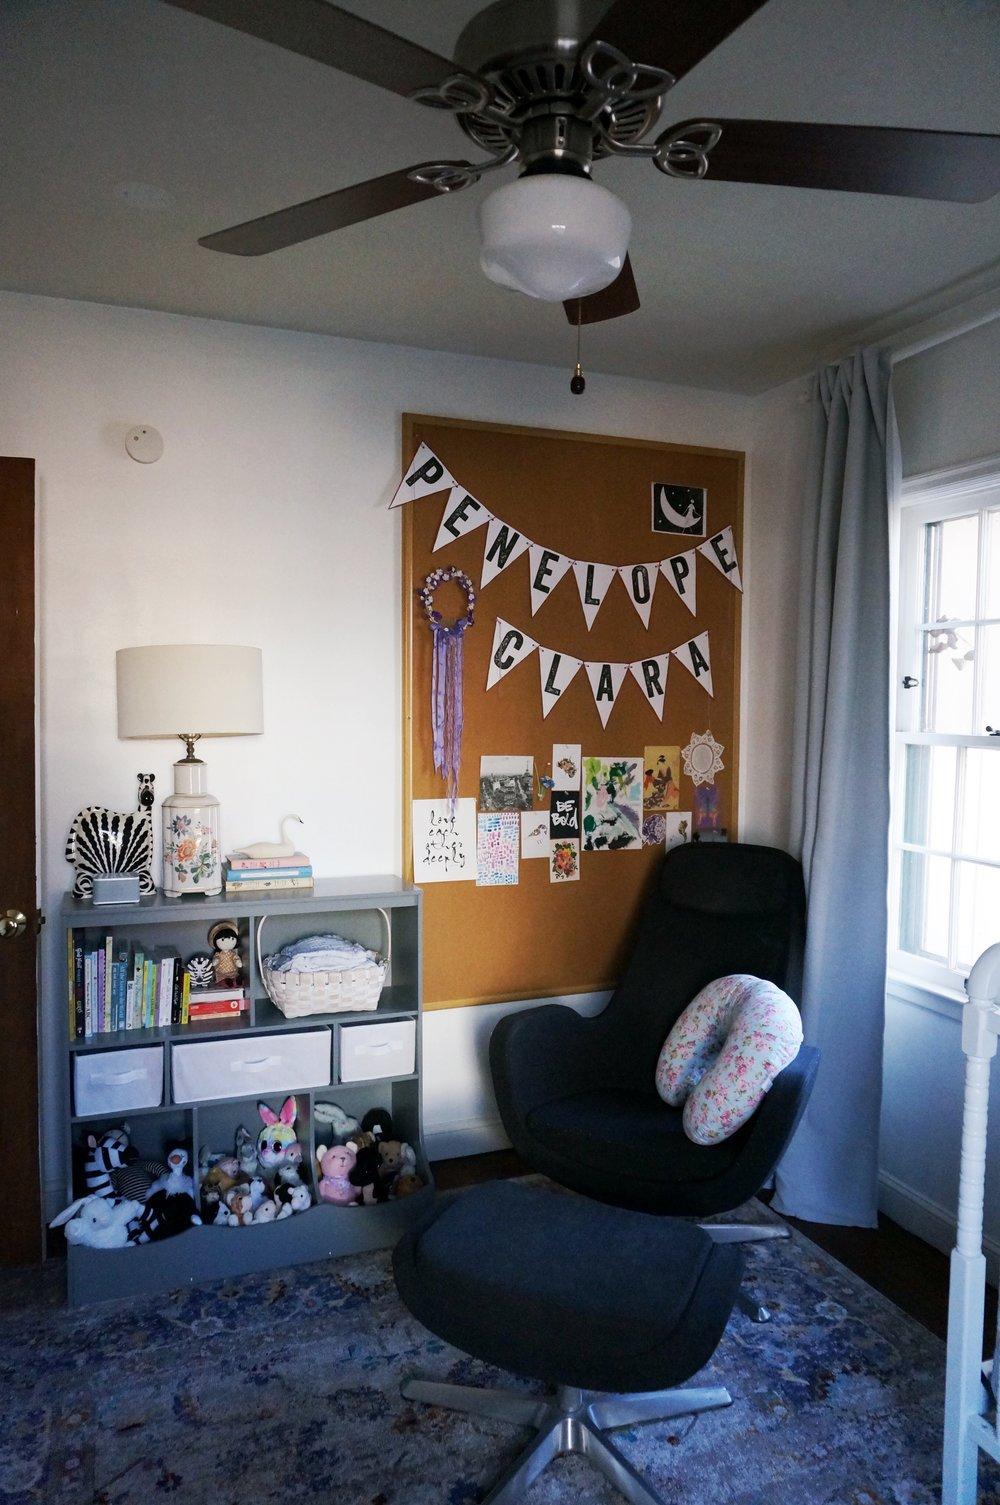 Penelope's Room (Sitting area) | Cassia & Co.